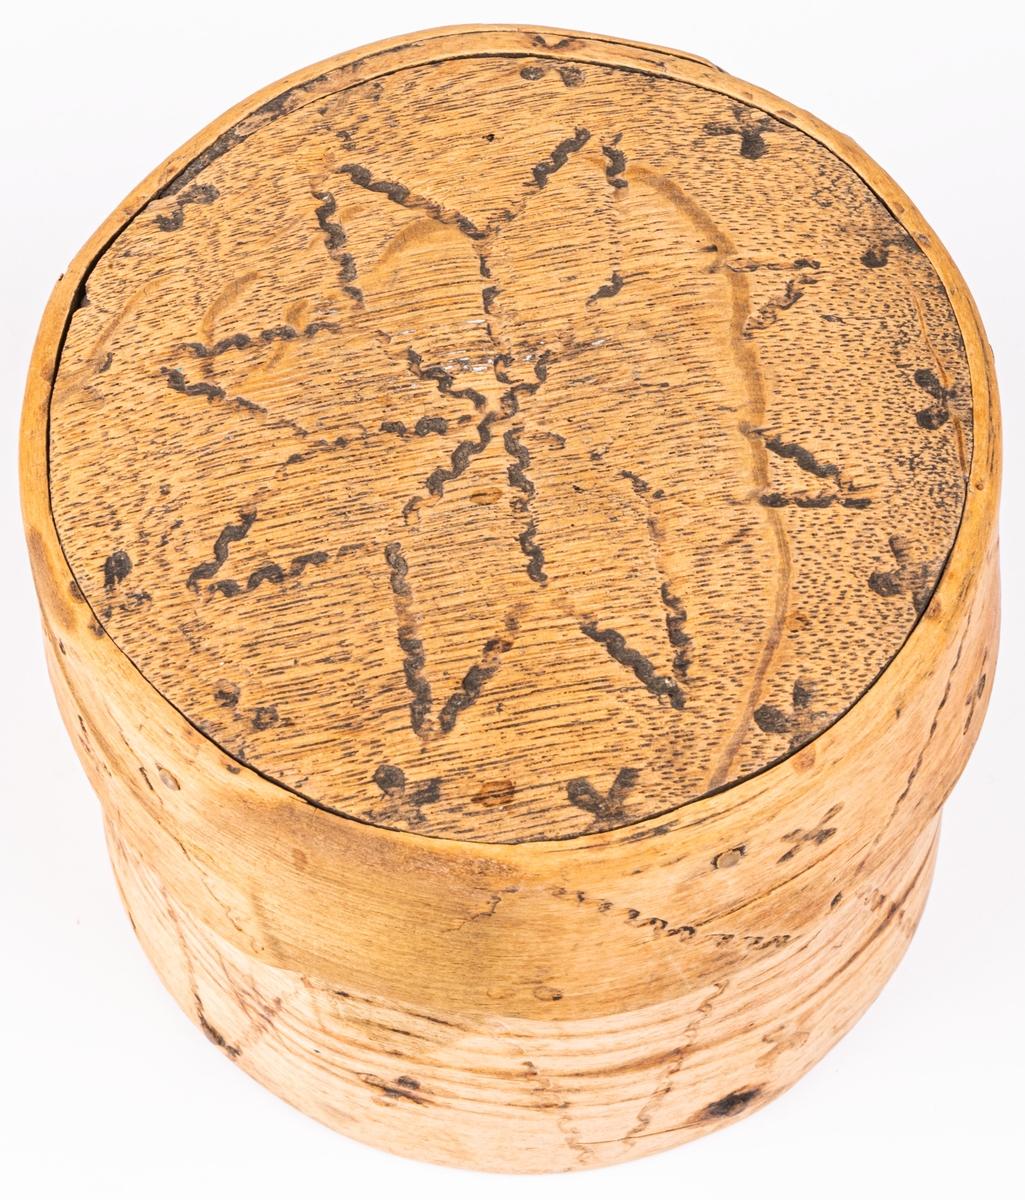 Ask, ornerad genom brännstämpling. I botten märkt 1783. I svepteknik, rund med lock. Botten och lock av ek. Ornament: fyrbladiga rosor samt krusiga linjer.